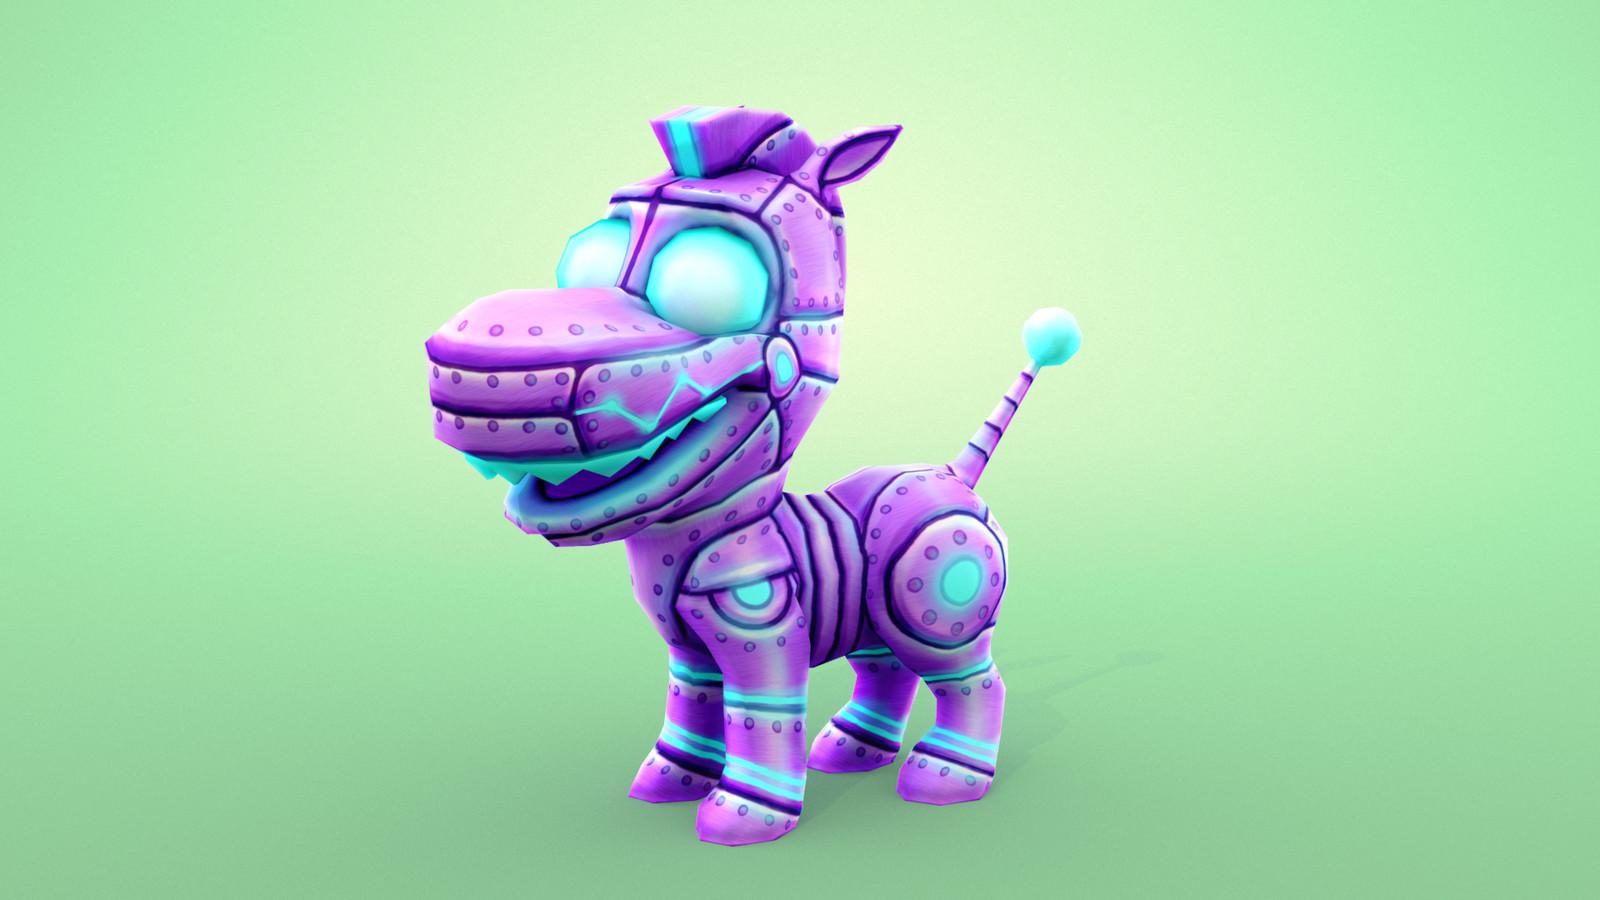 Opponent. Robo horse.